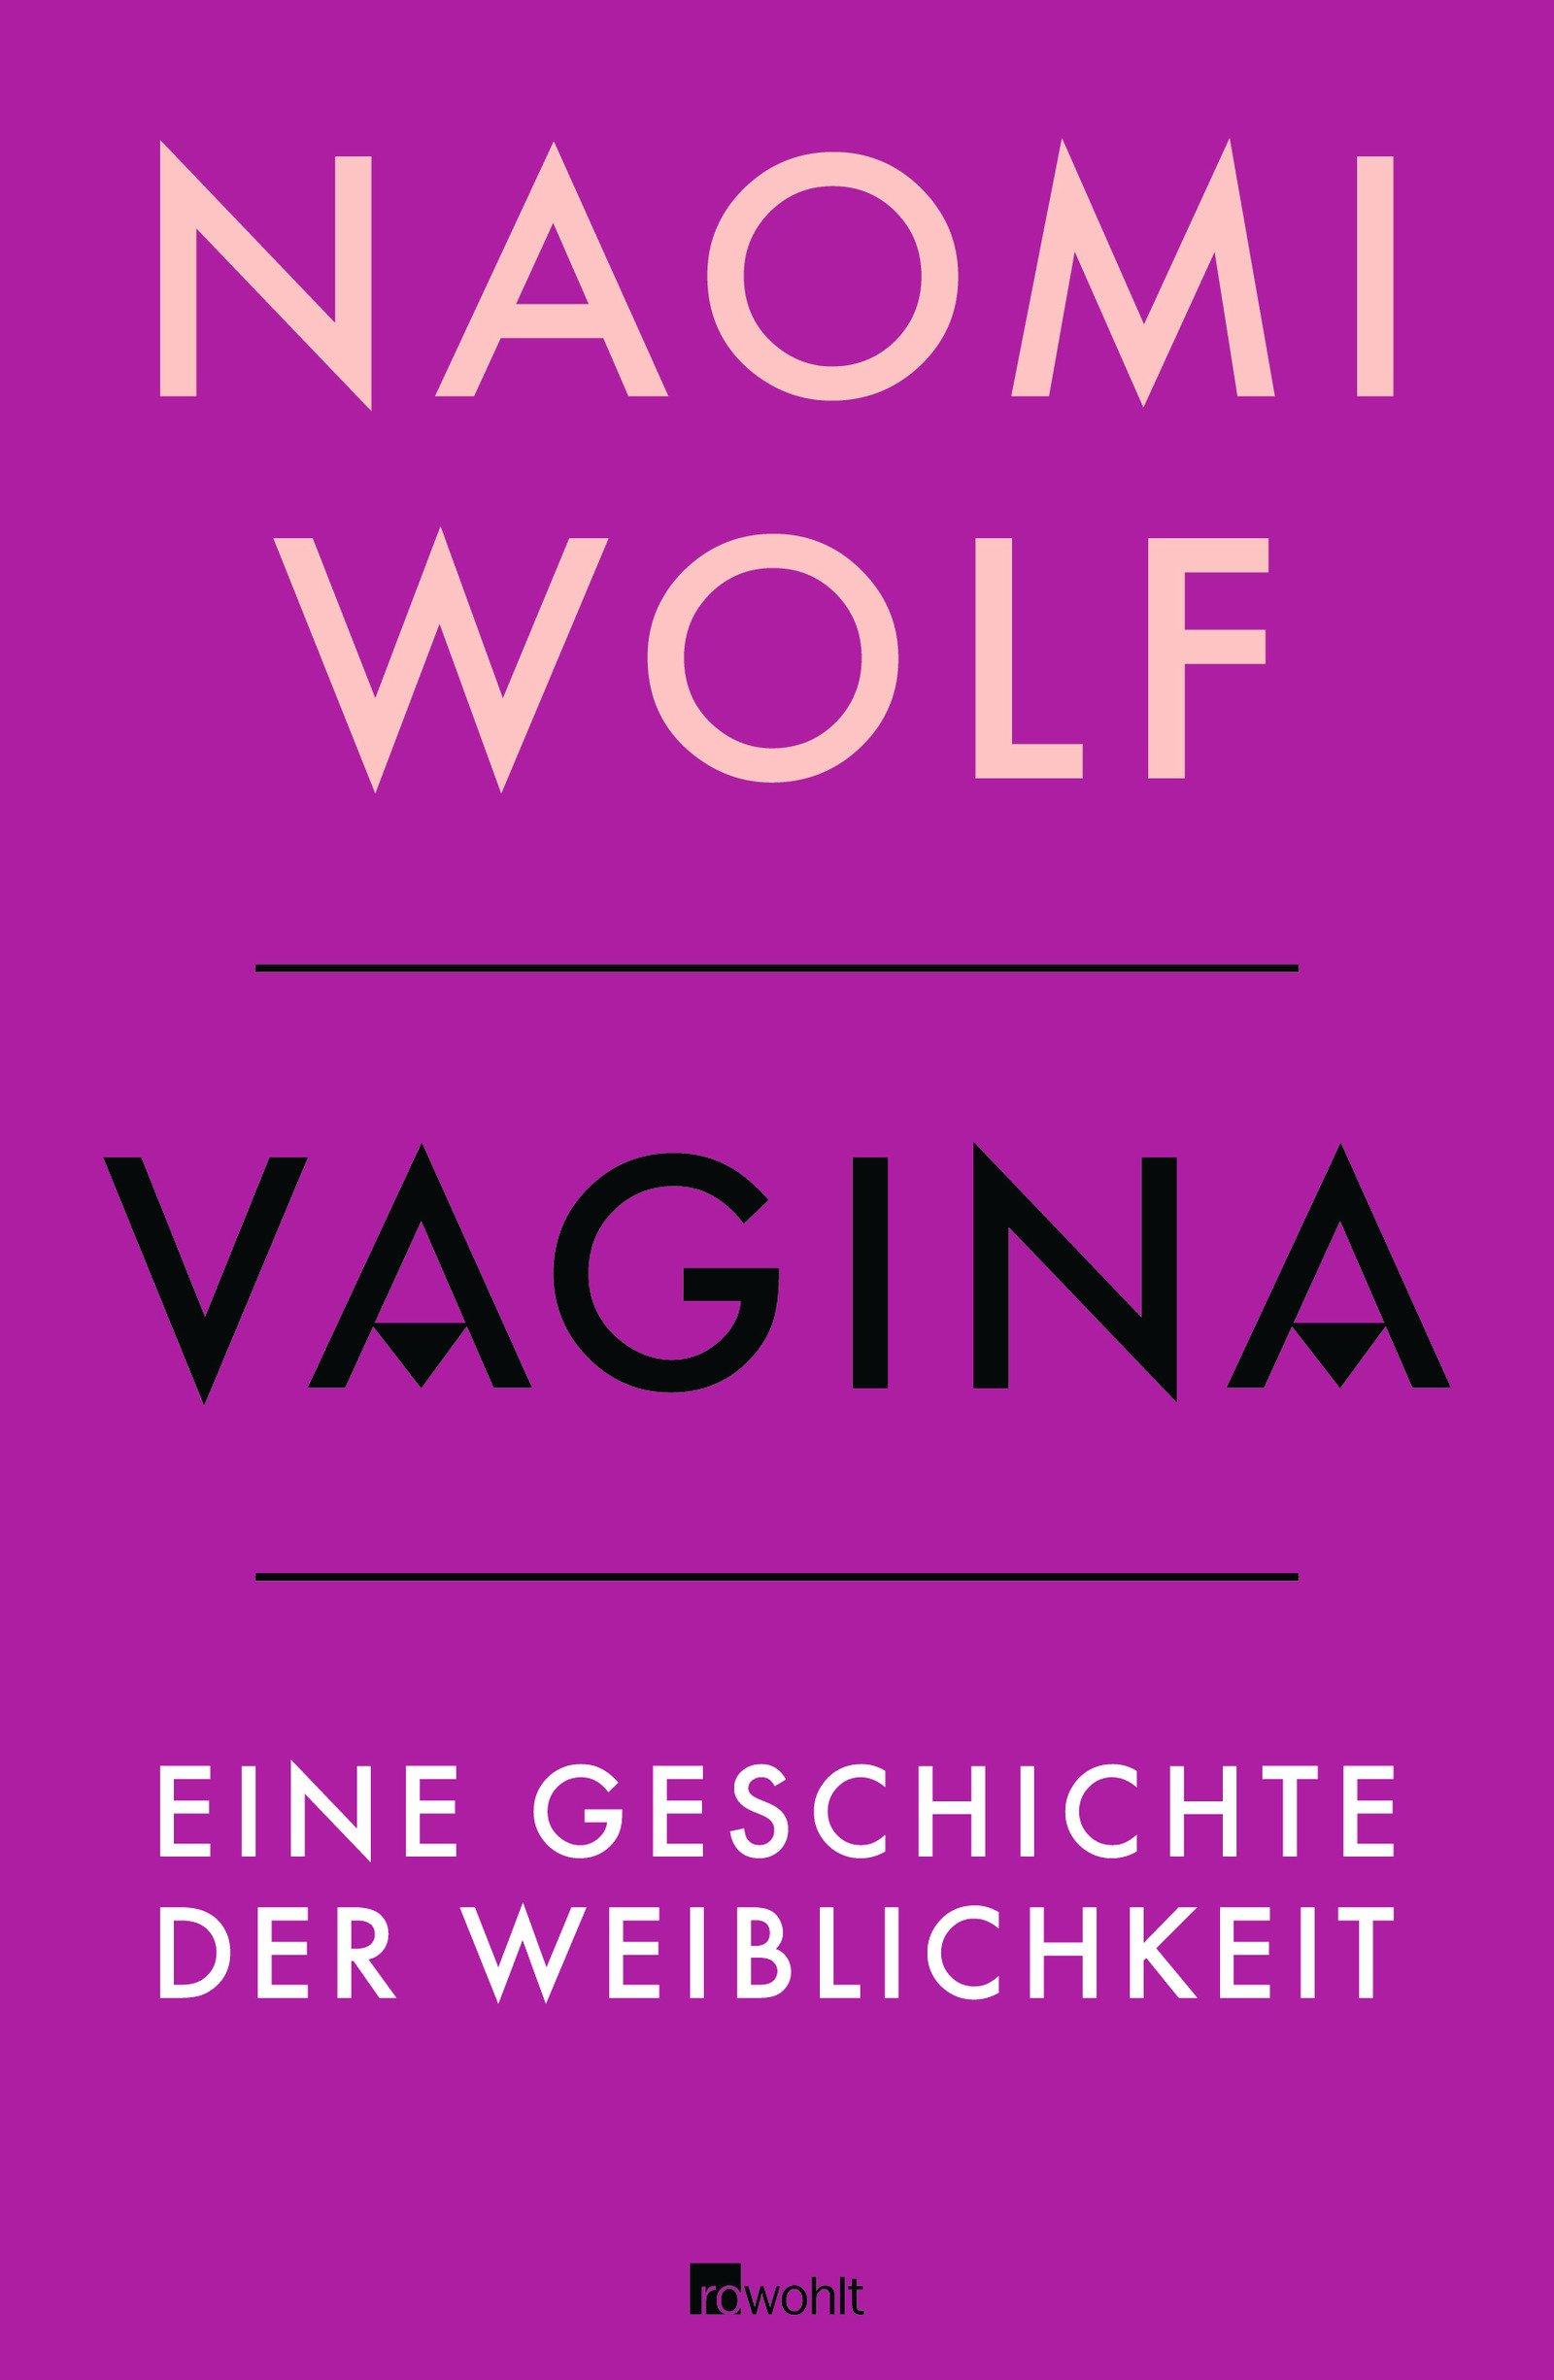 Vagina: Eine Geschichte der Weiblichkeit Gebundenes Buch – 2. Mai 2013 Naomi Wolf Barbara Imgrund Gabriele Gockel Karola Bartsch